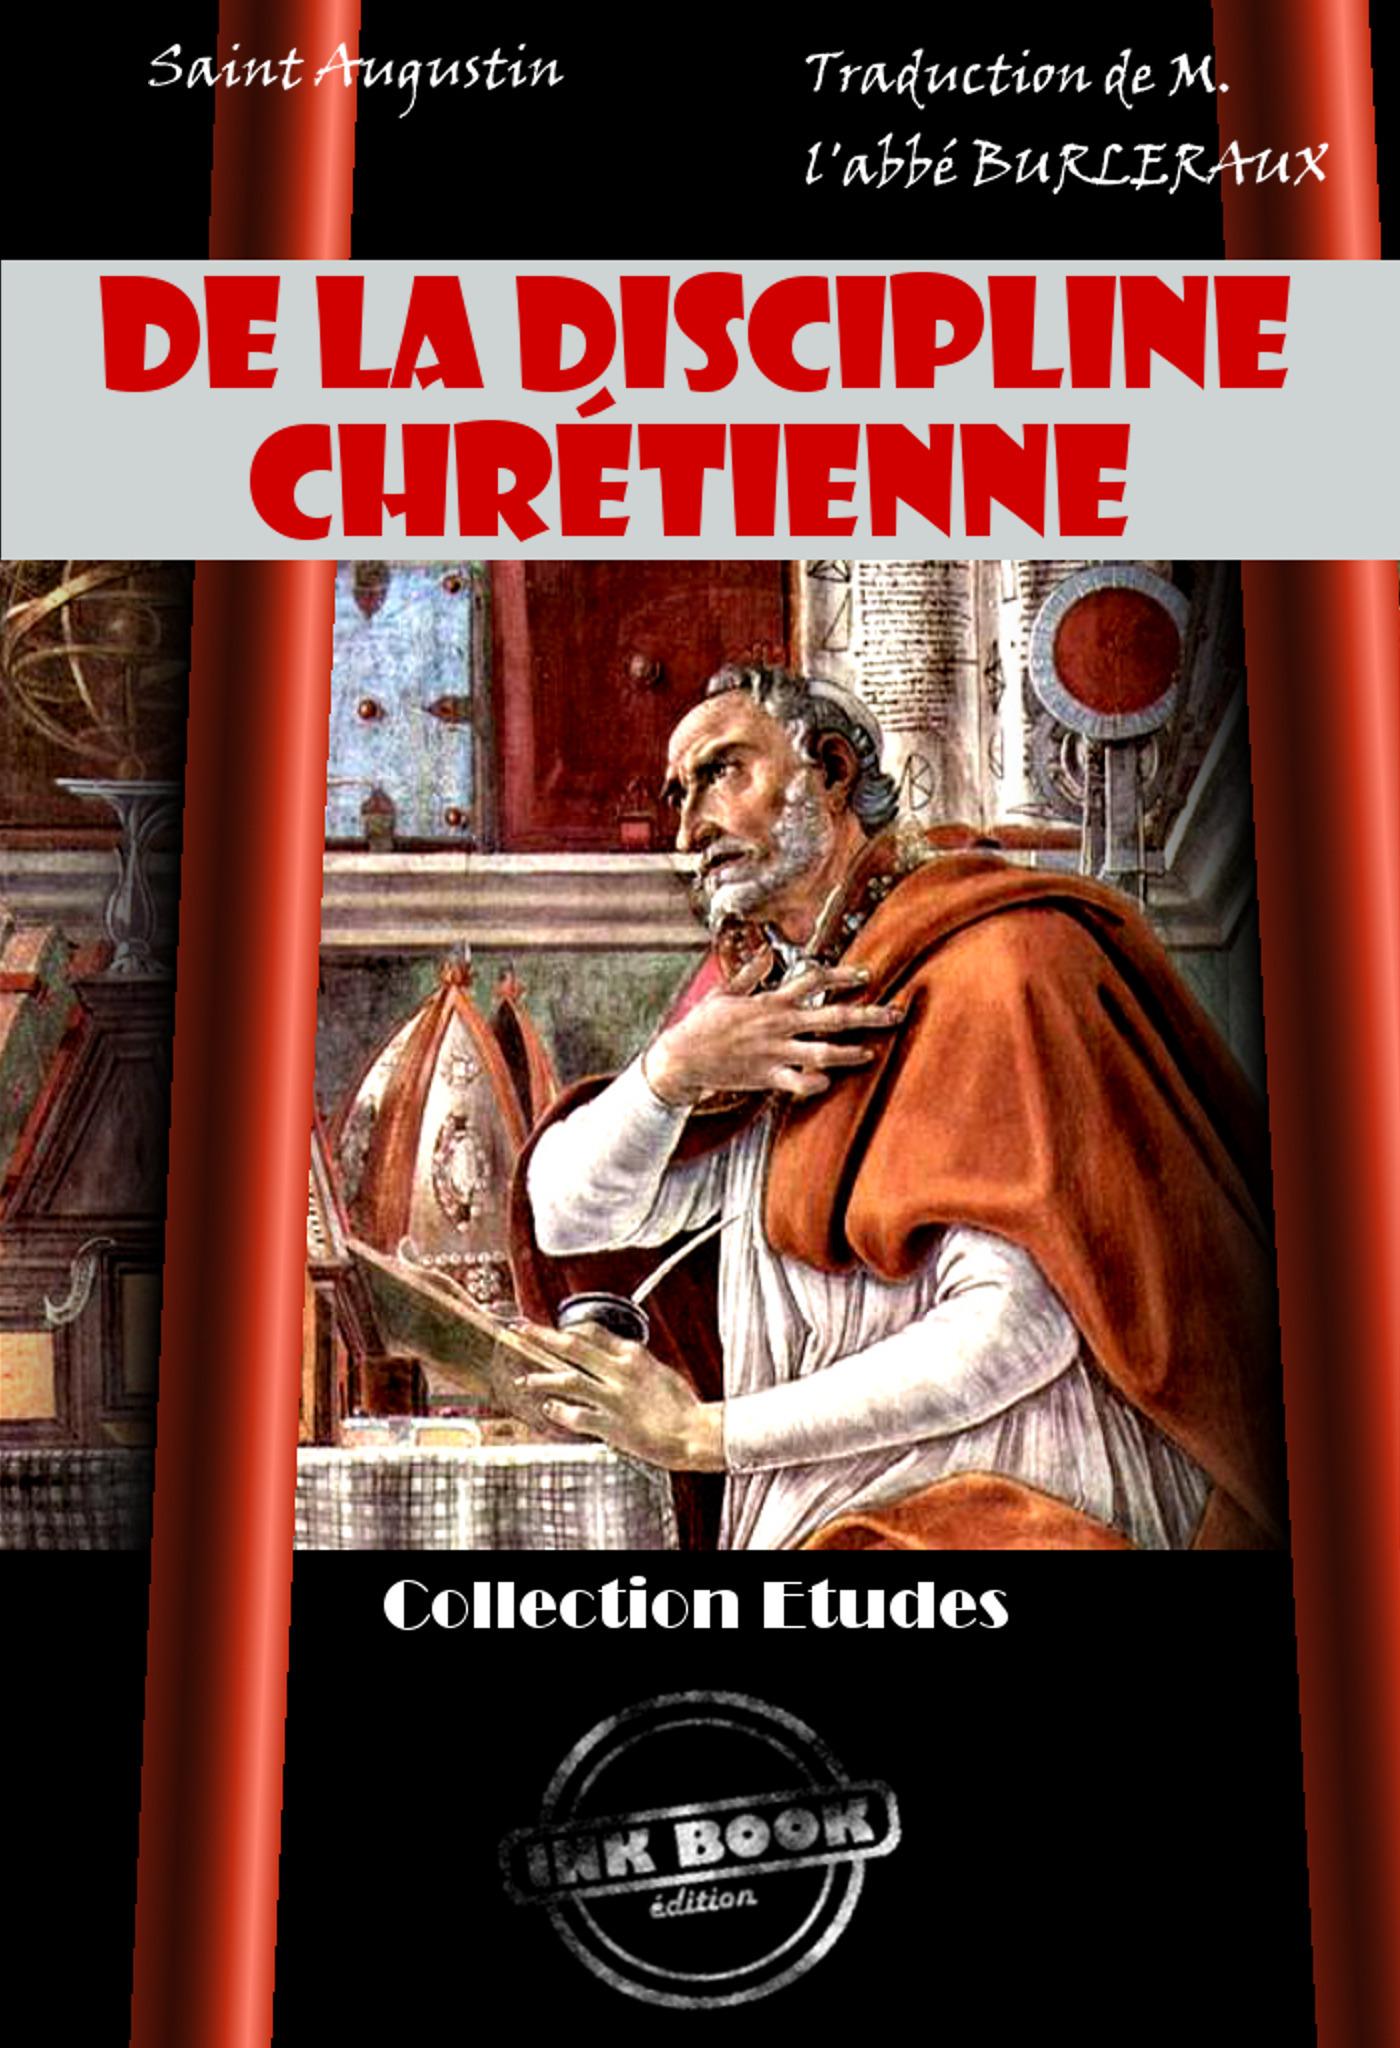 De la discipline chrétienne